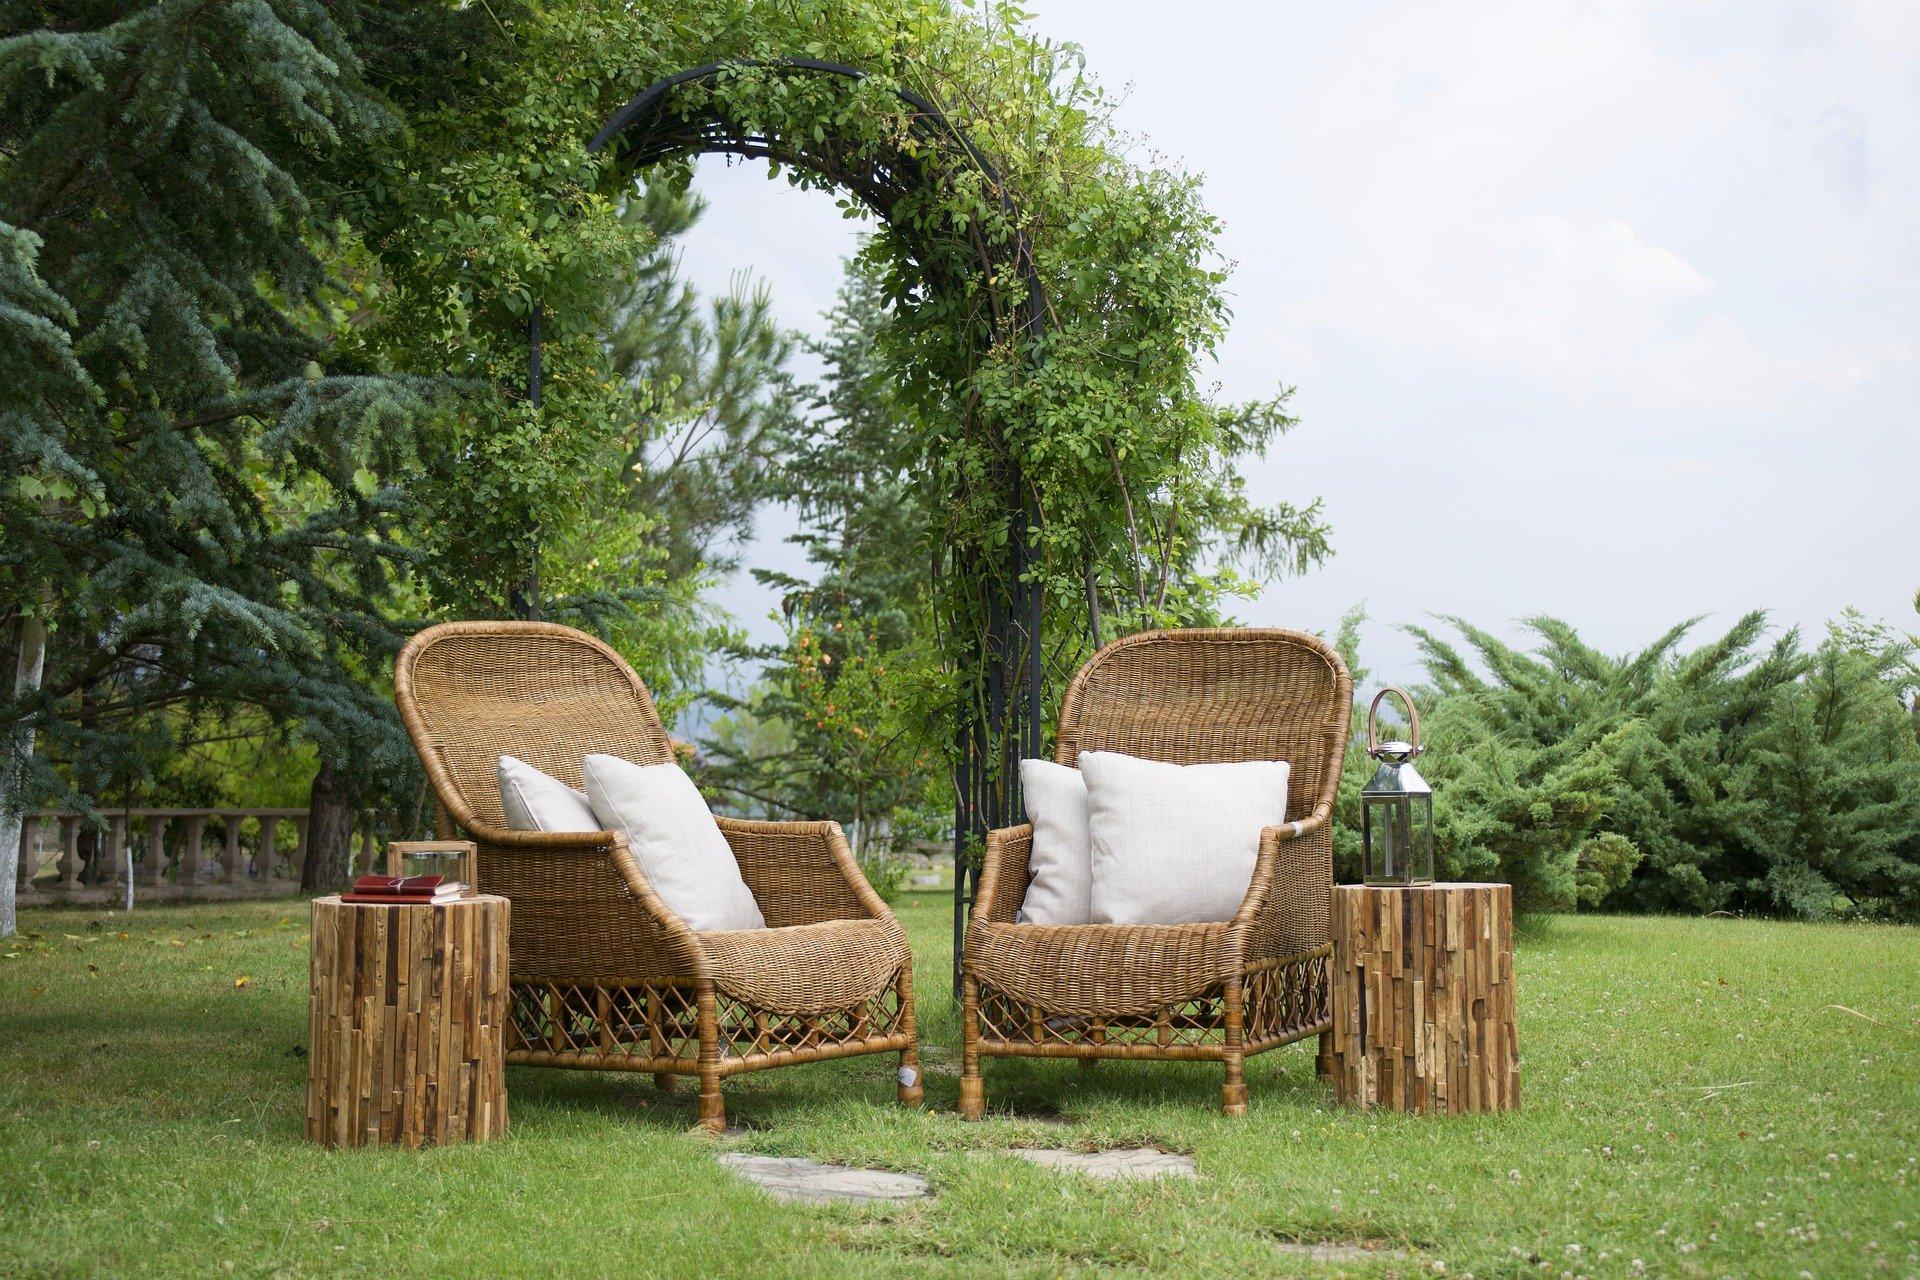 fauteuils dans l'herbe